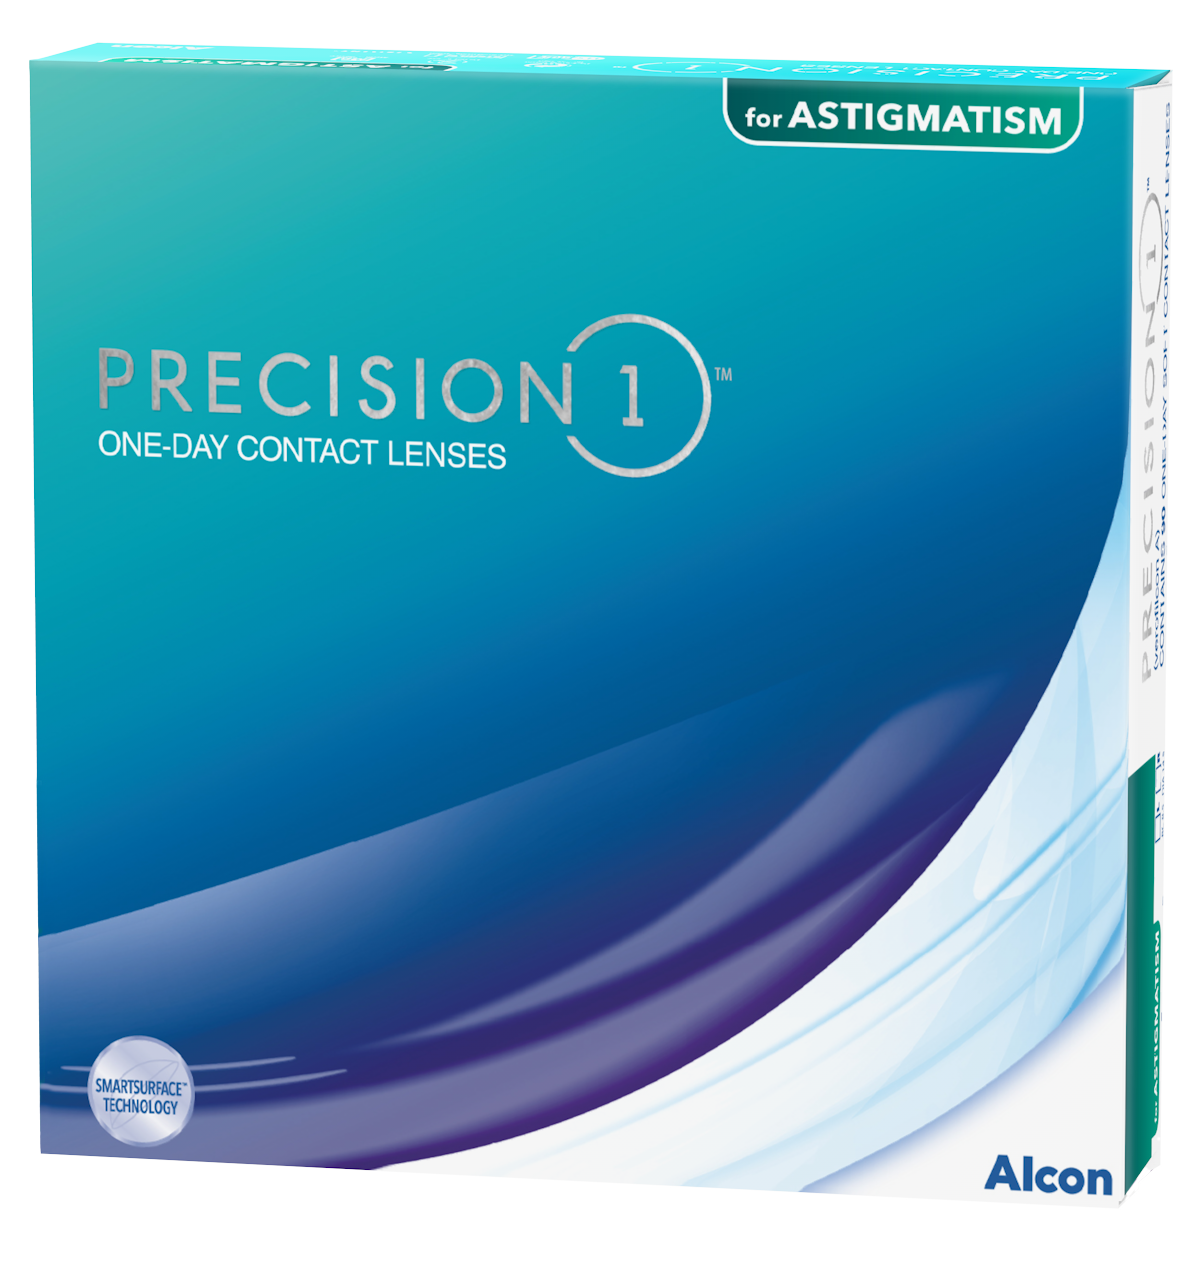 Precision1 for Astigmatism, Alcon (90Stk.)